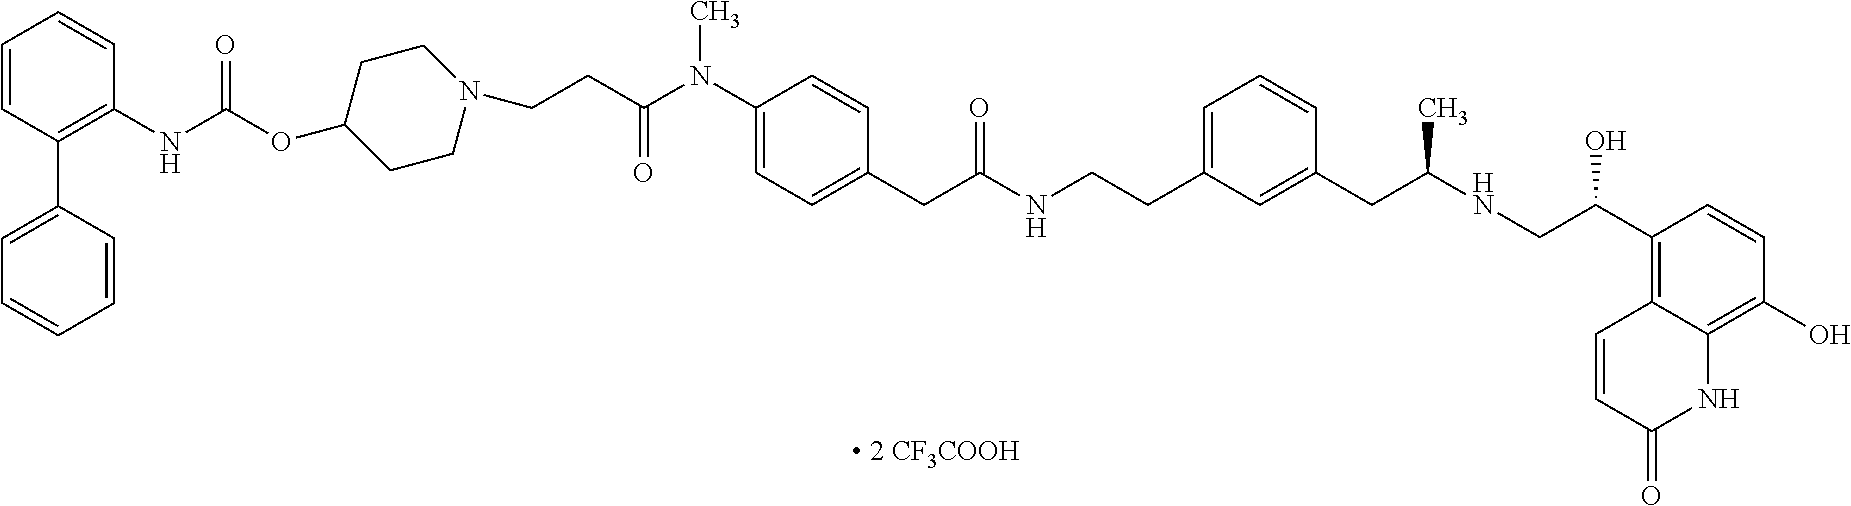 Figure US10138220-20181127-C00263